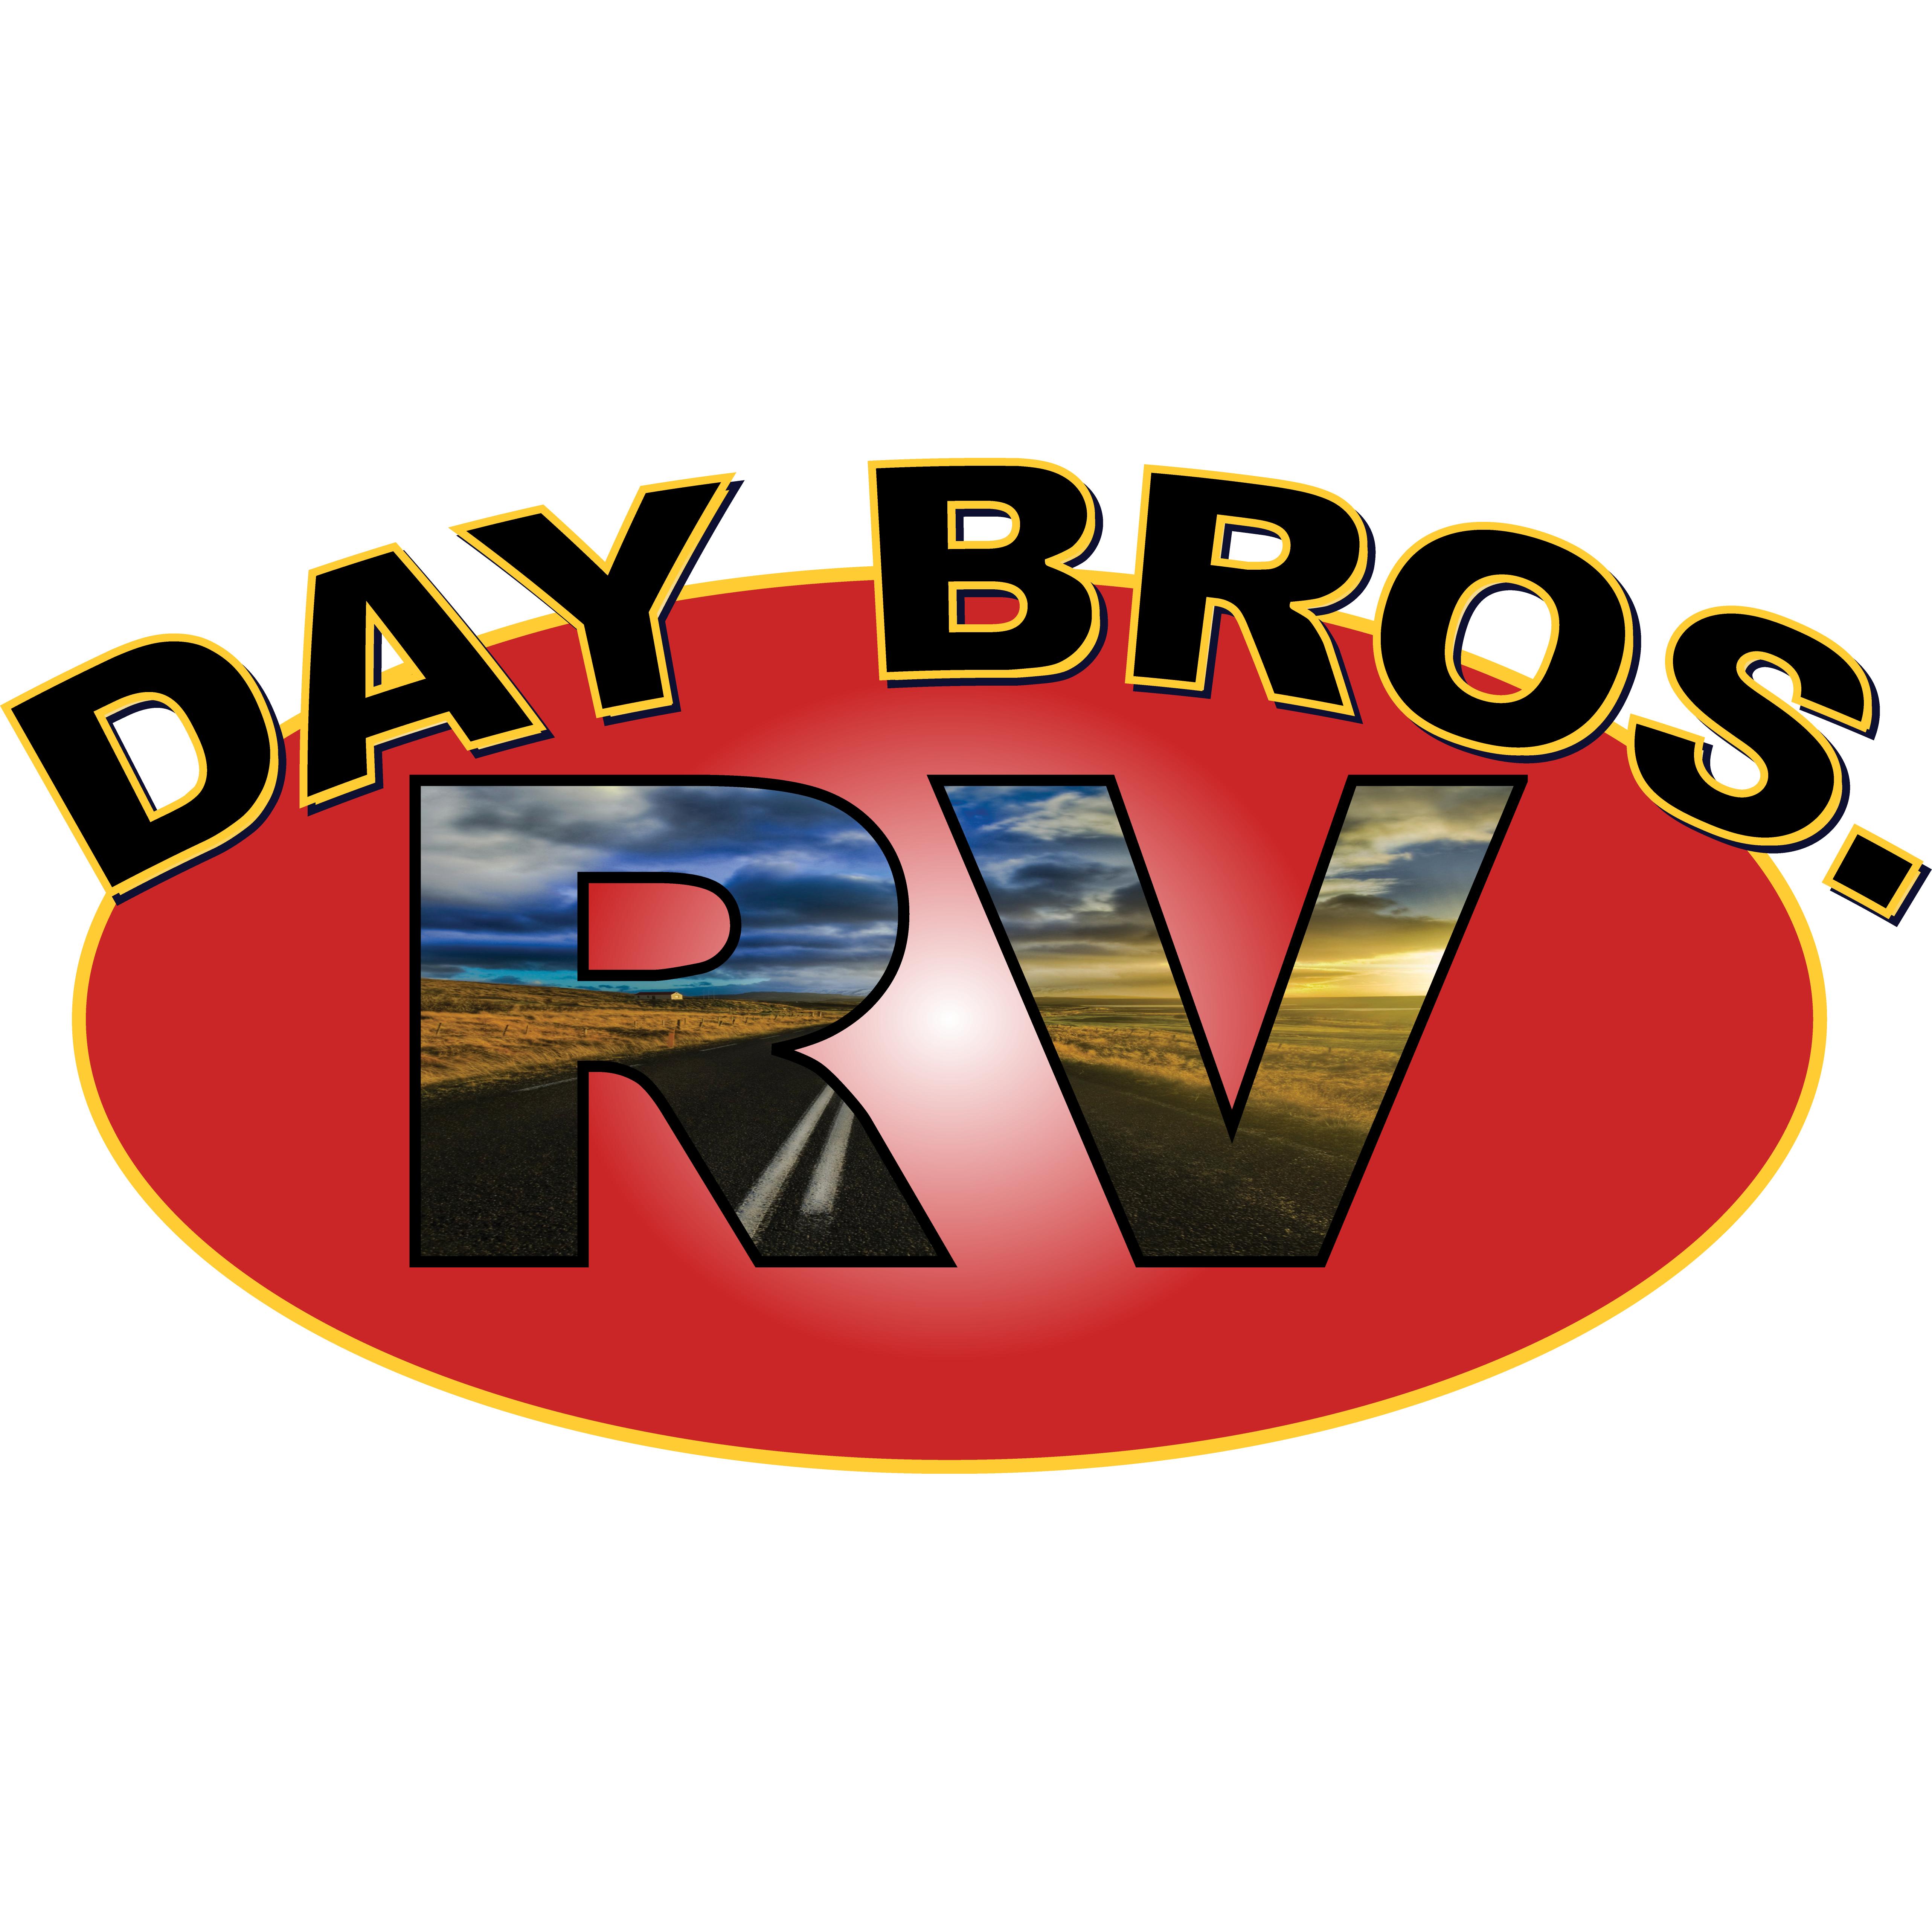 Day Bros RV